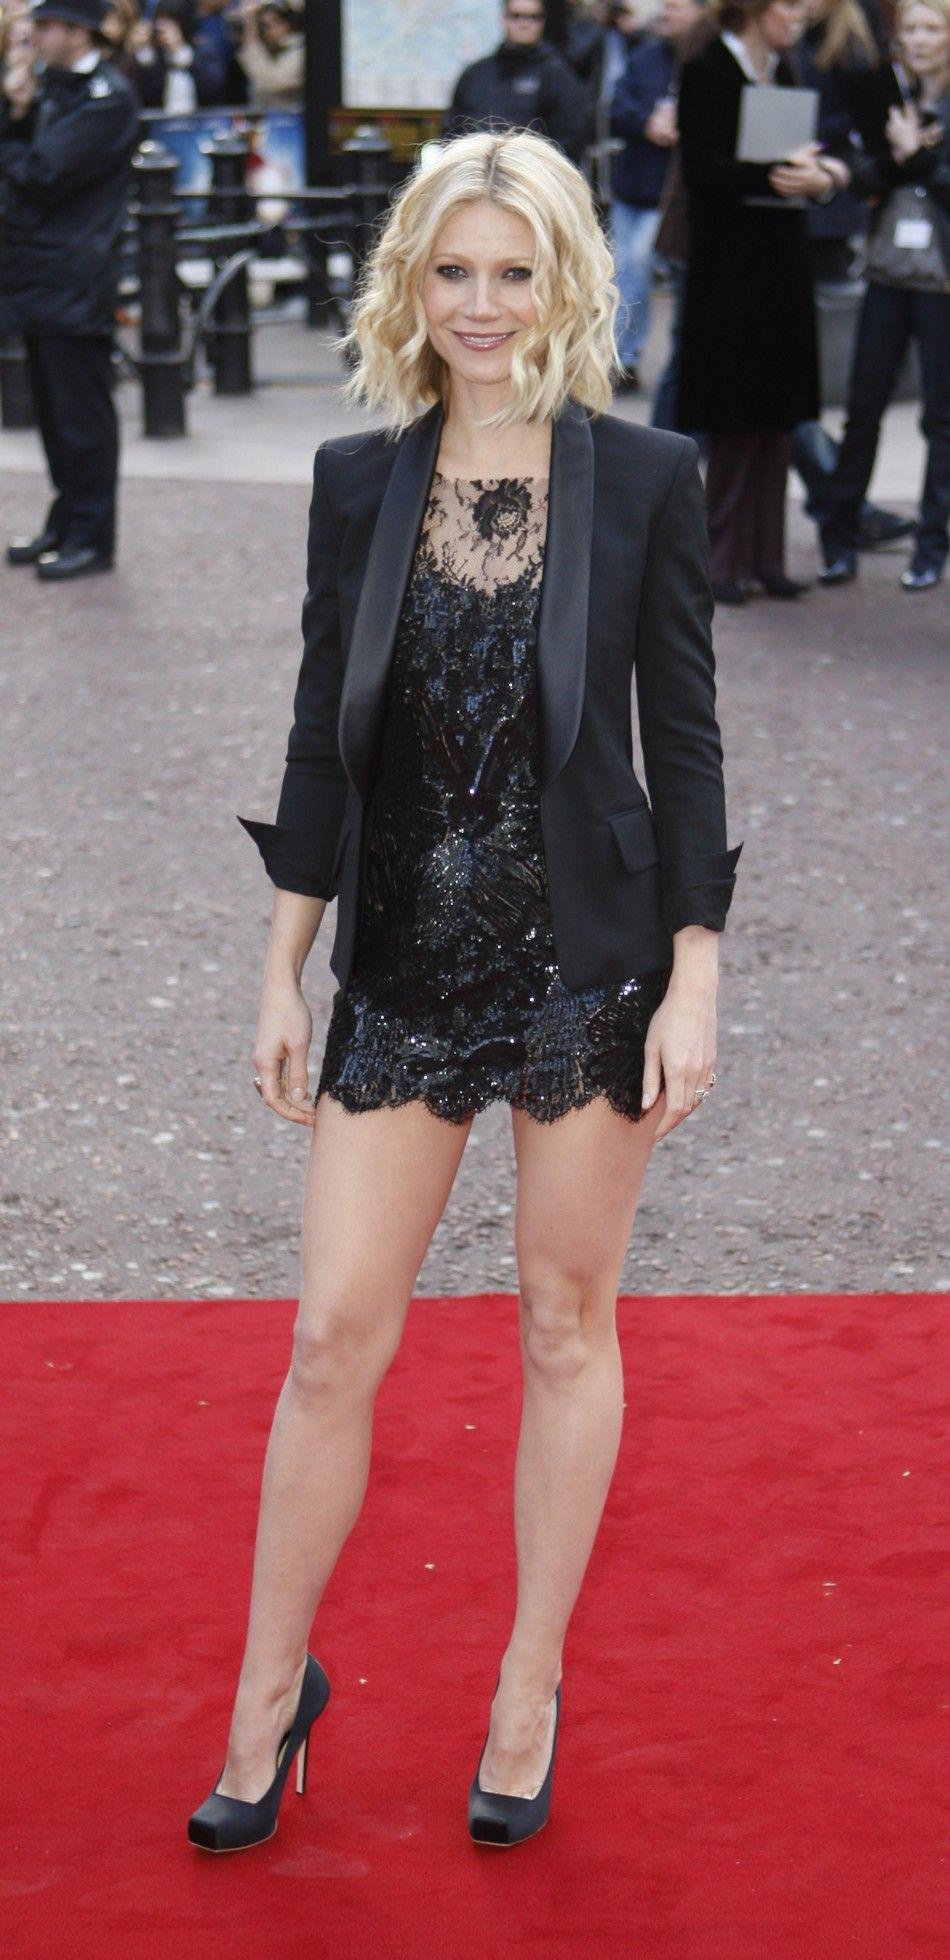 Gwyneth Paltrow | Gorgeous Gwyneth Paltrow | Pinterest ...